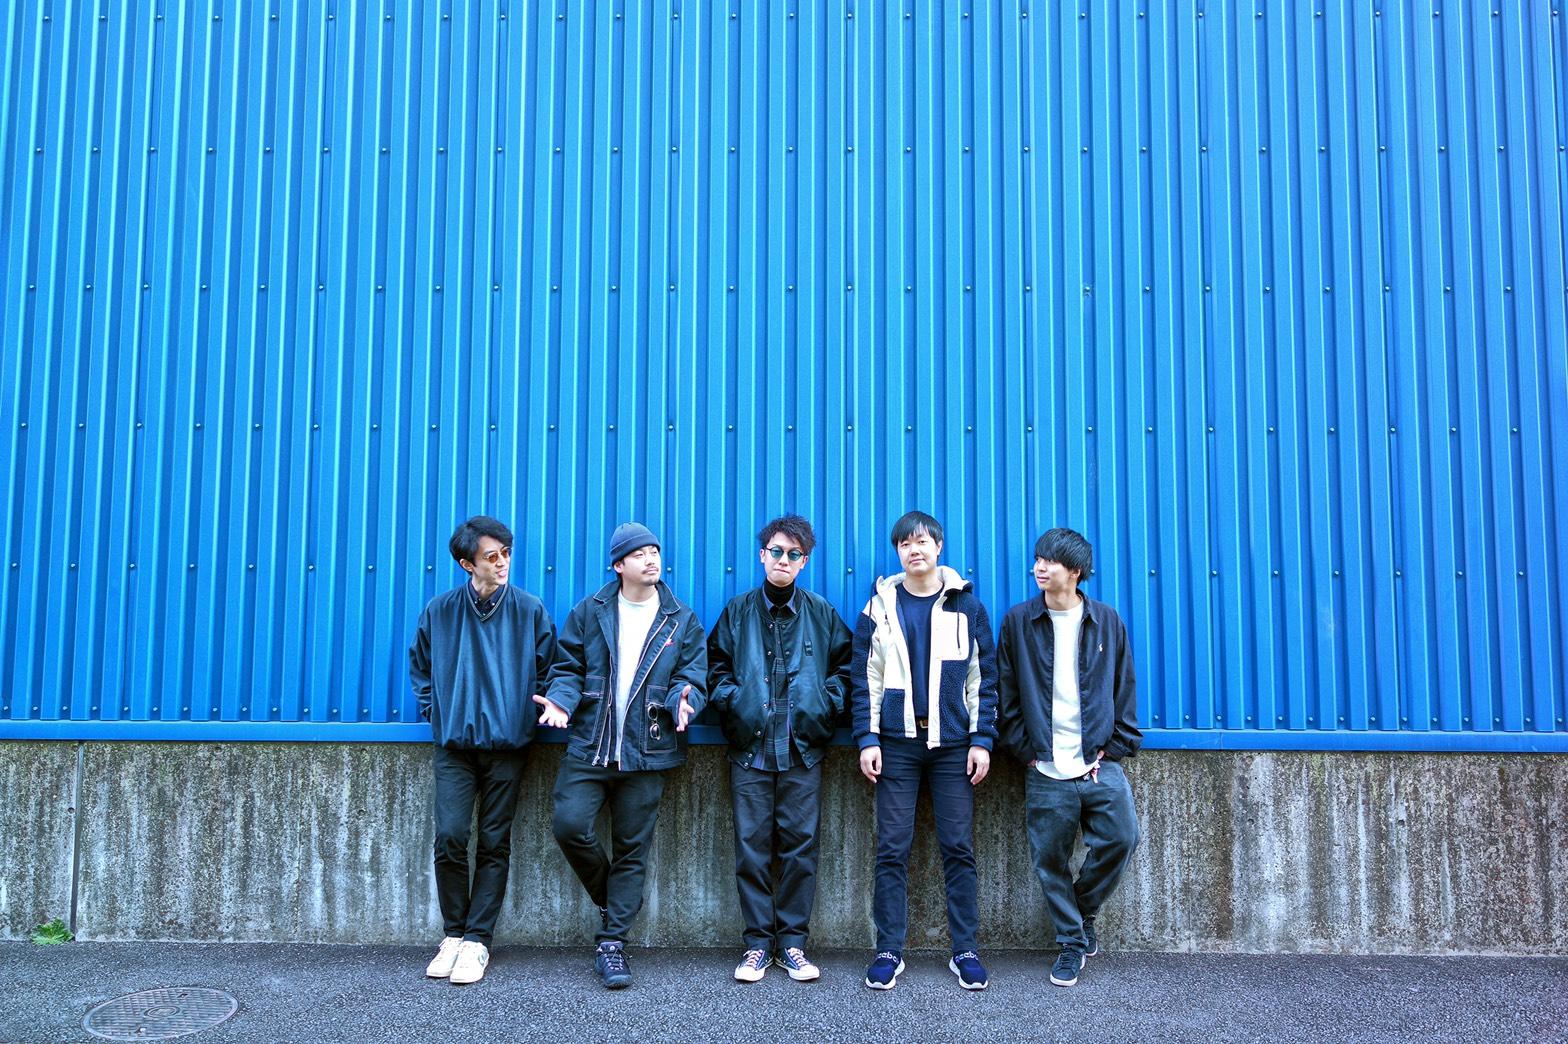 オルタナティブソウルバンドMonenaiが「Goodbye Wendy」をリリース&MV公開サムネイル画像